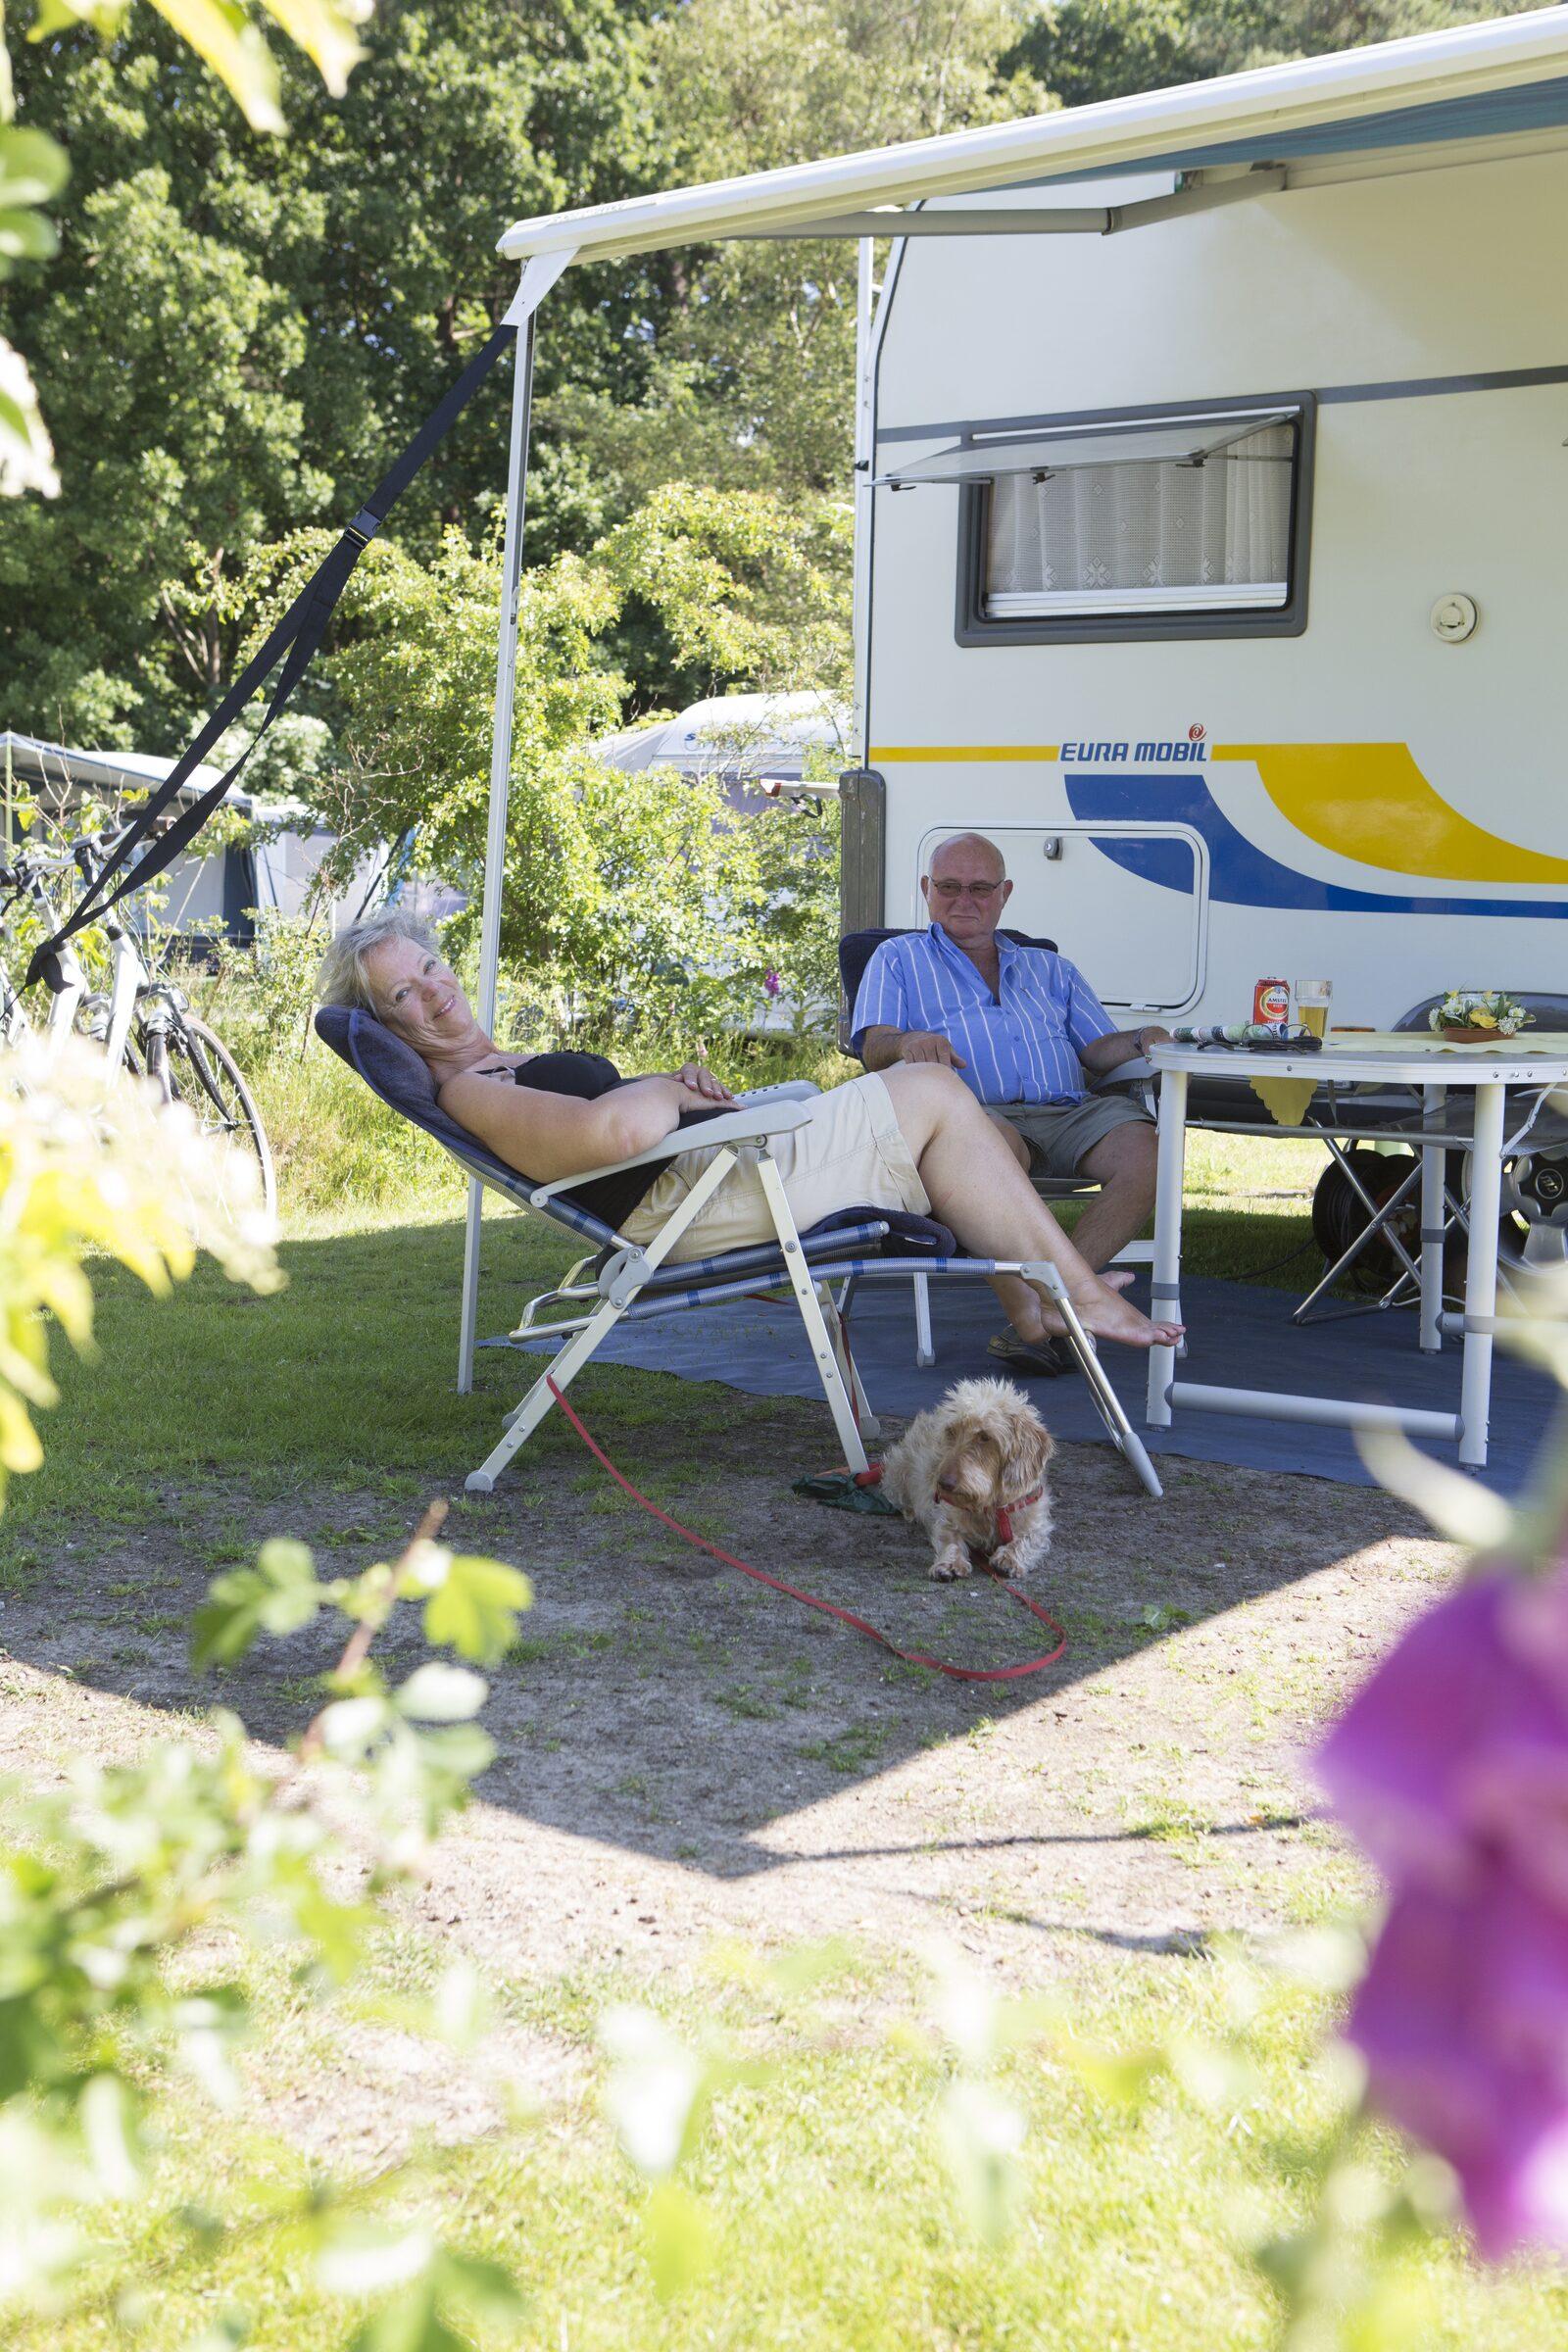 Camping Drenthe met prive sanitair